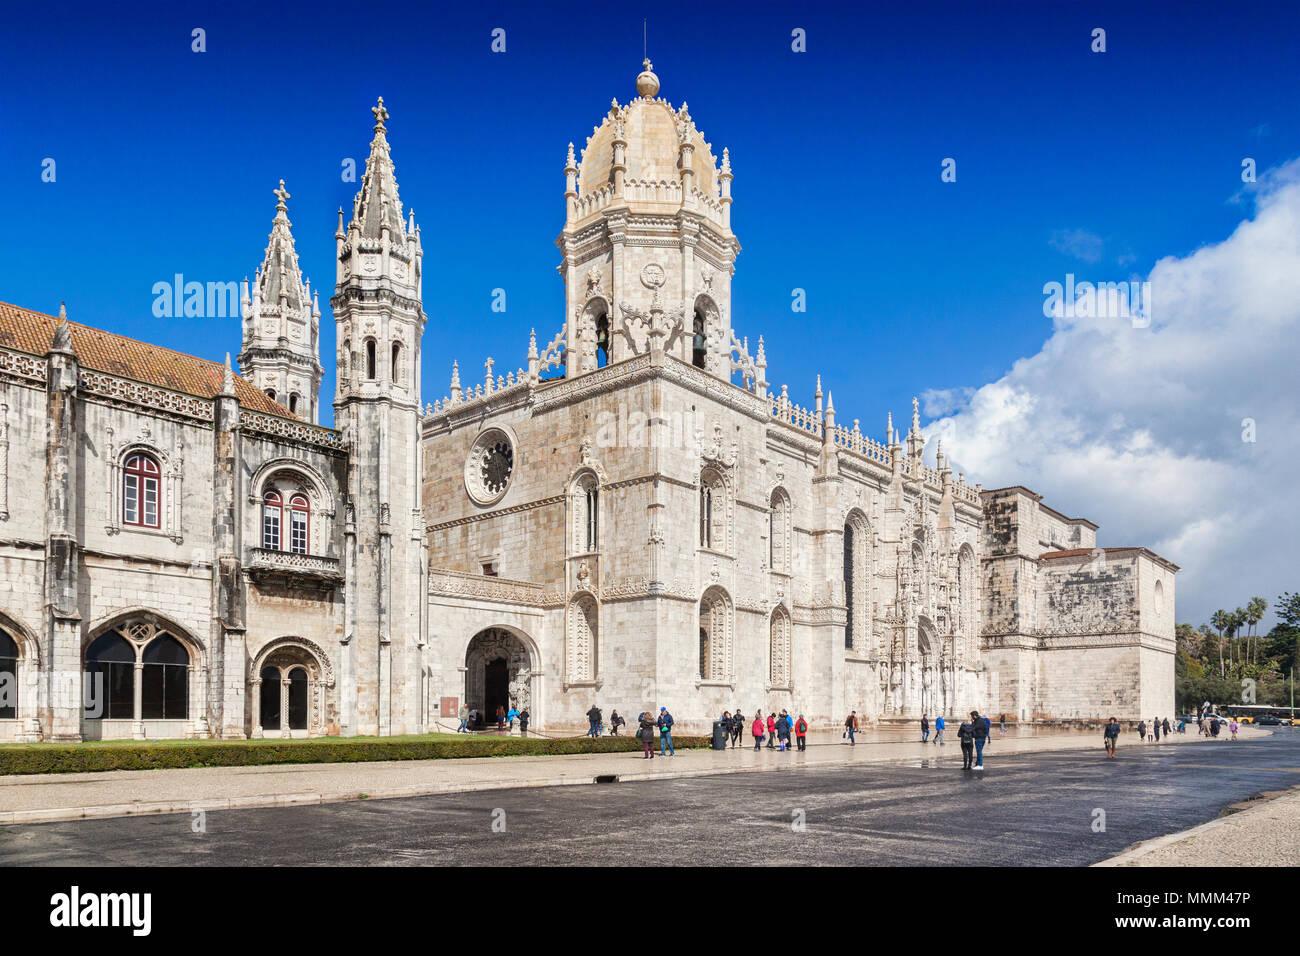 5 mars 2018: Lisbonne, Portugal - touristes profitant du soleil au début du printemps au Monastère de Jeronimos, Belem. Photo Stock